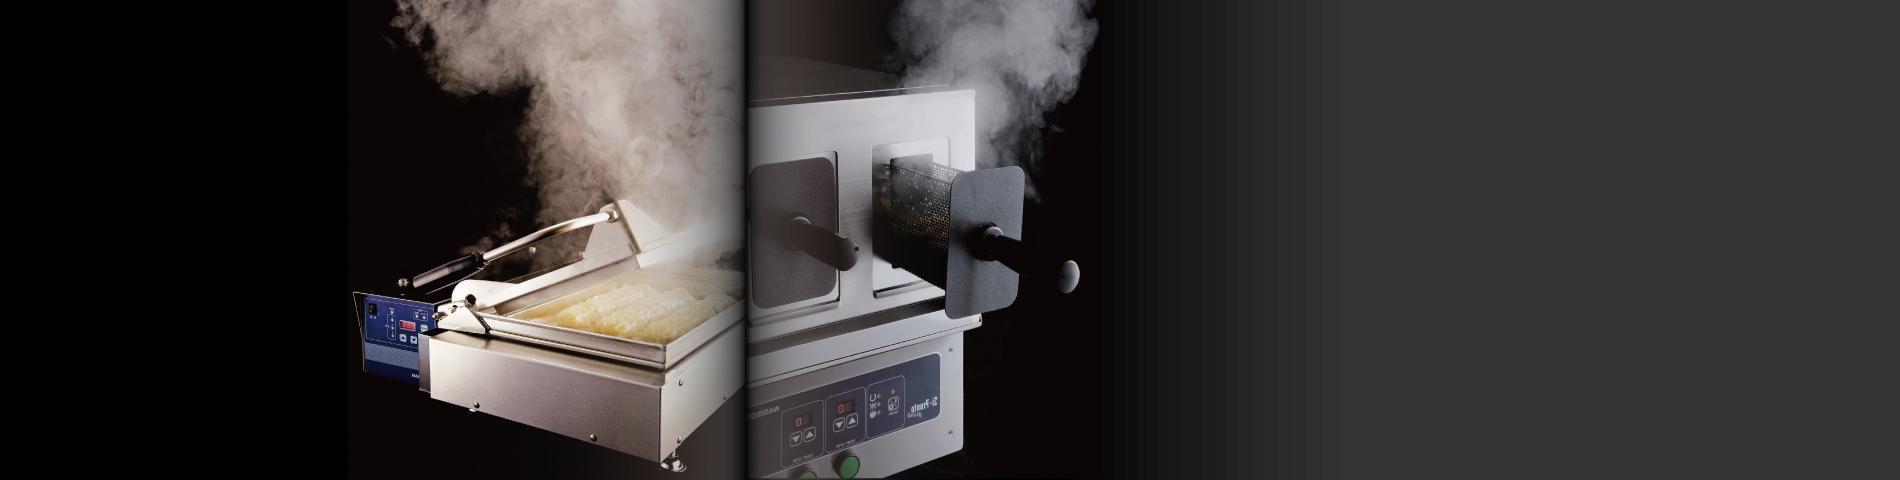 快速美味的料理美學 冷麵解凍機、煎餃機系列